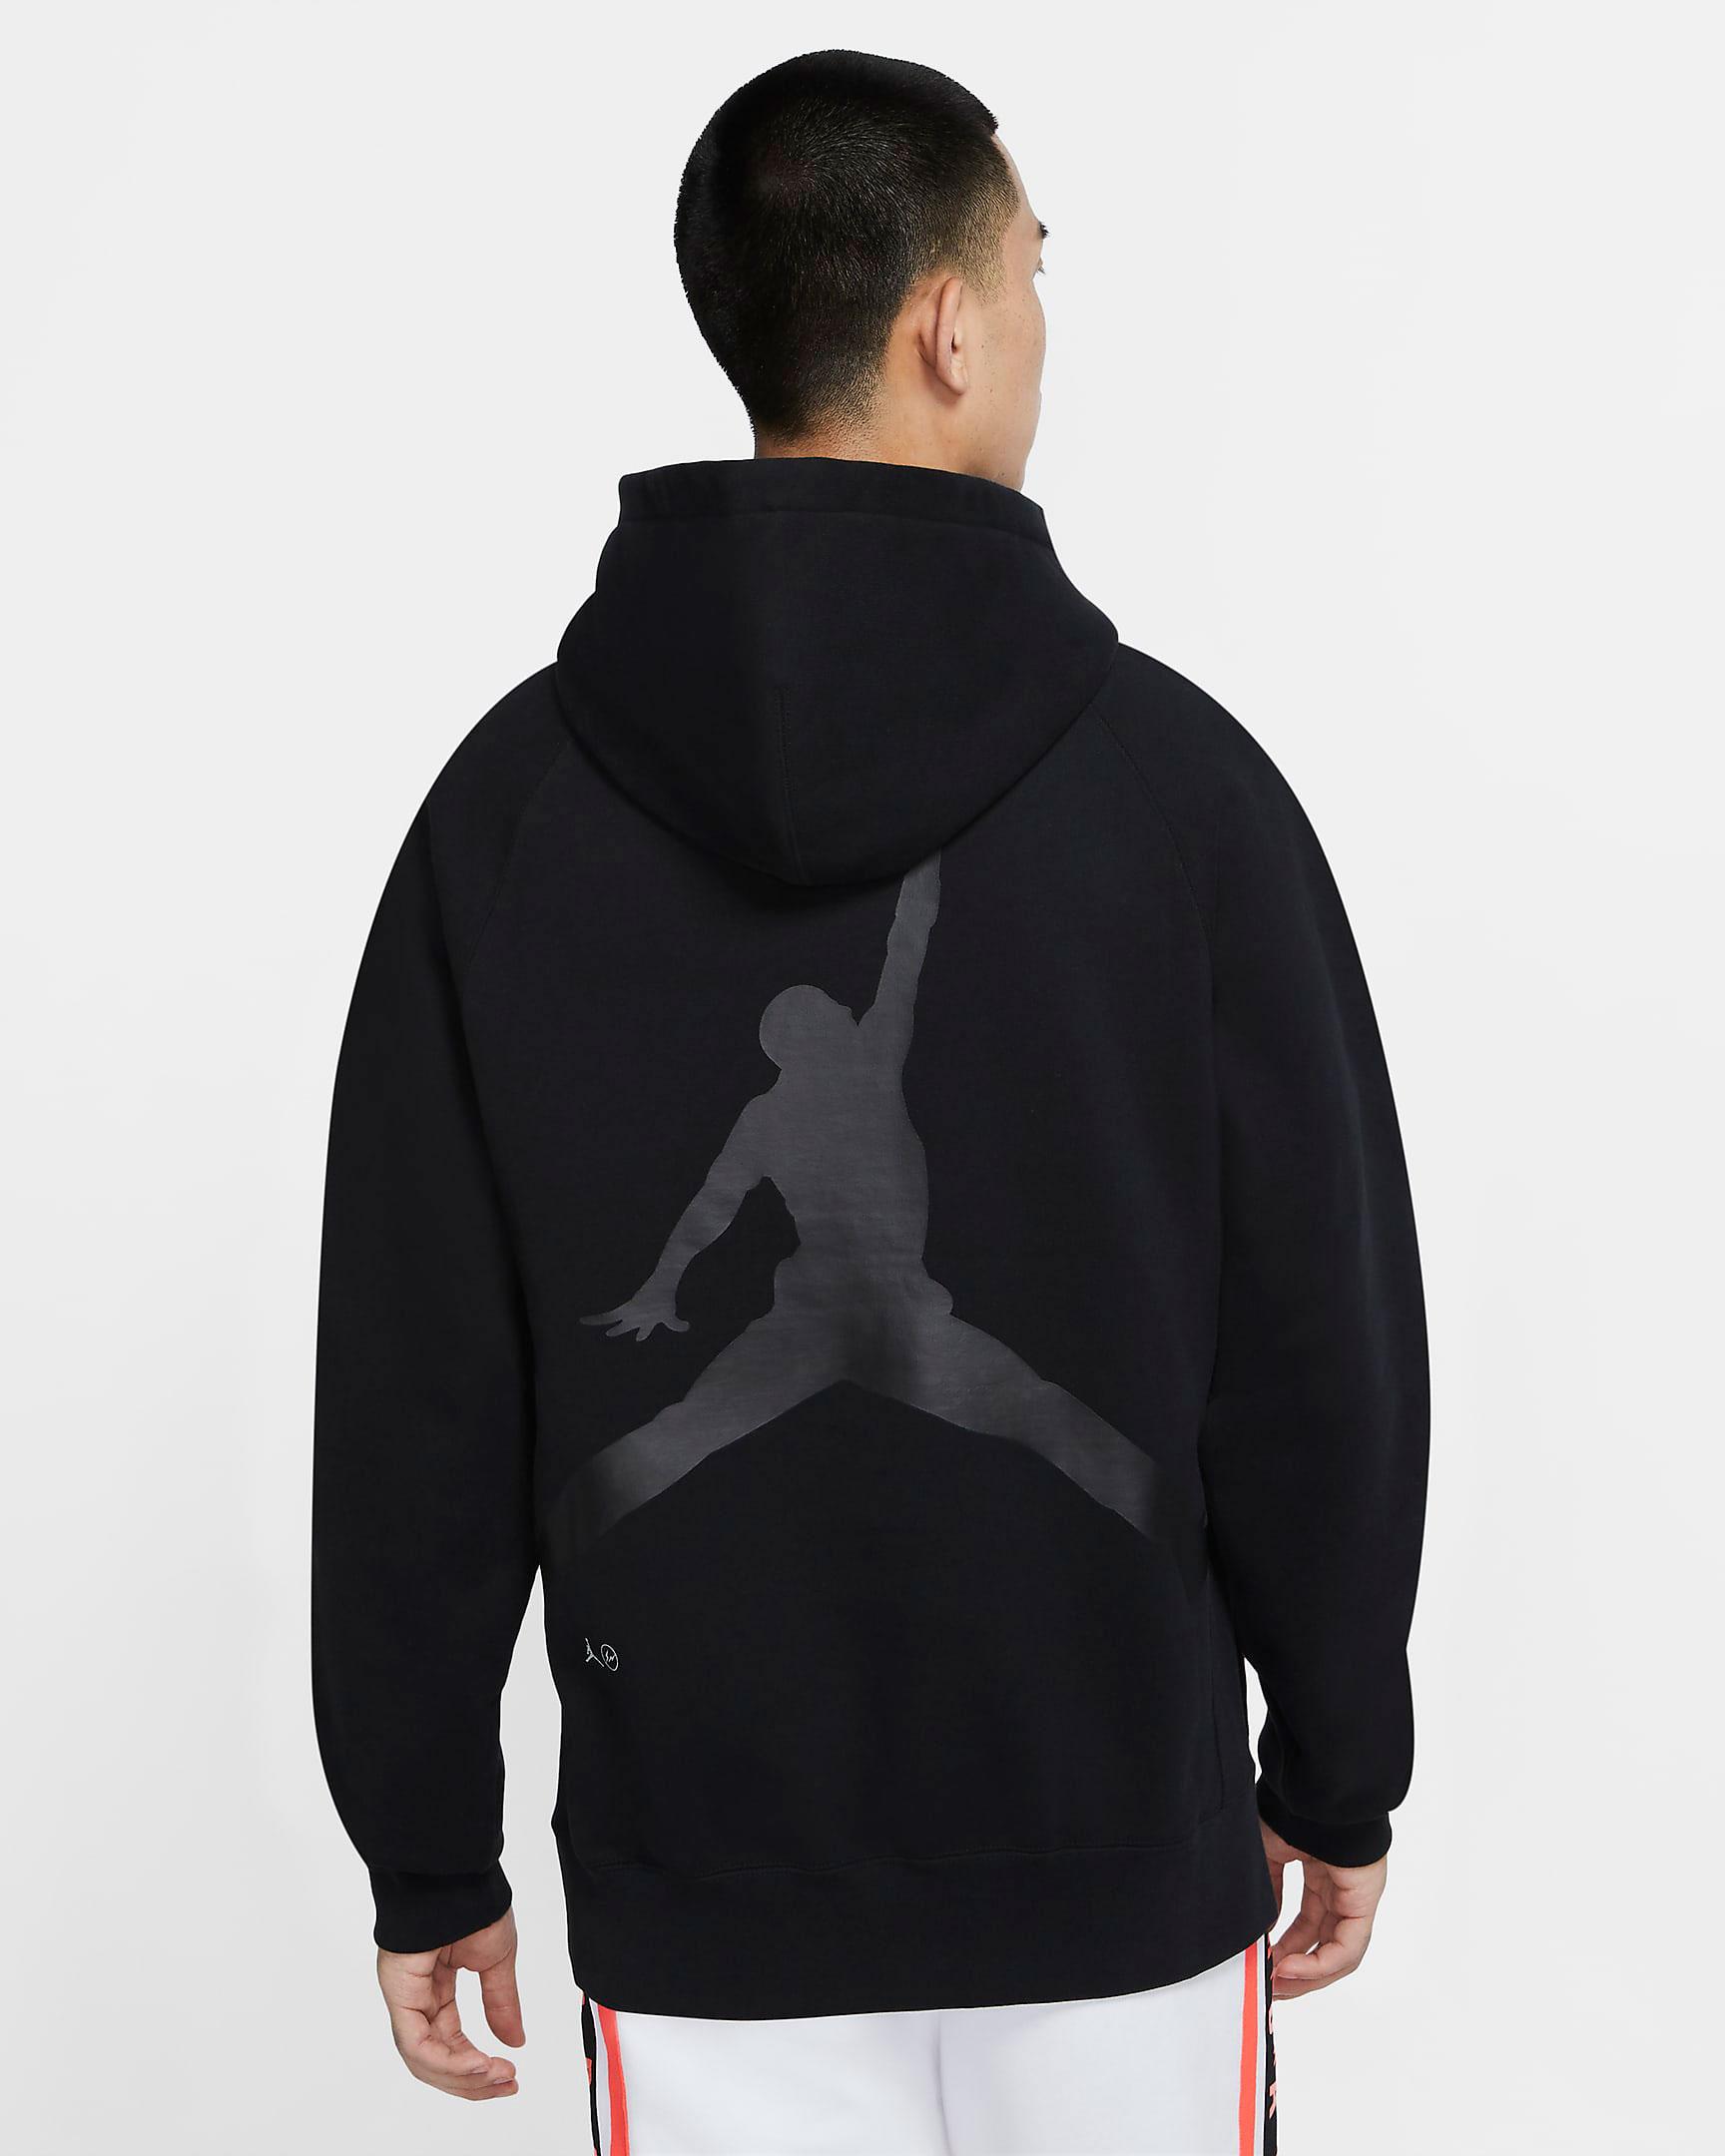 jordan-3-fragment-hoodie-black-2